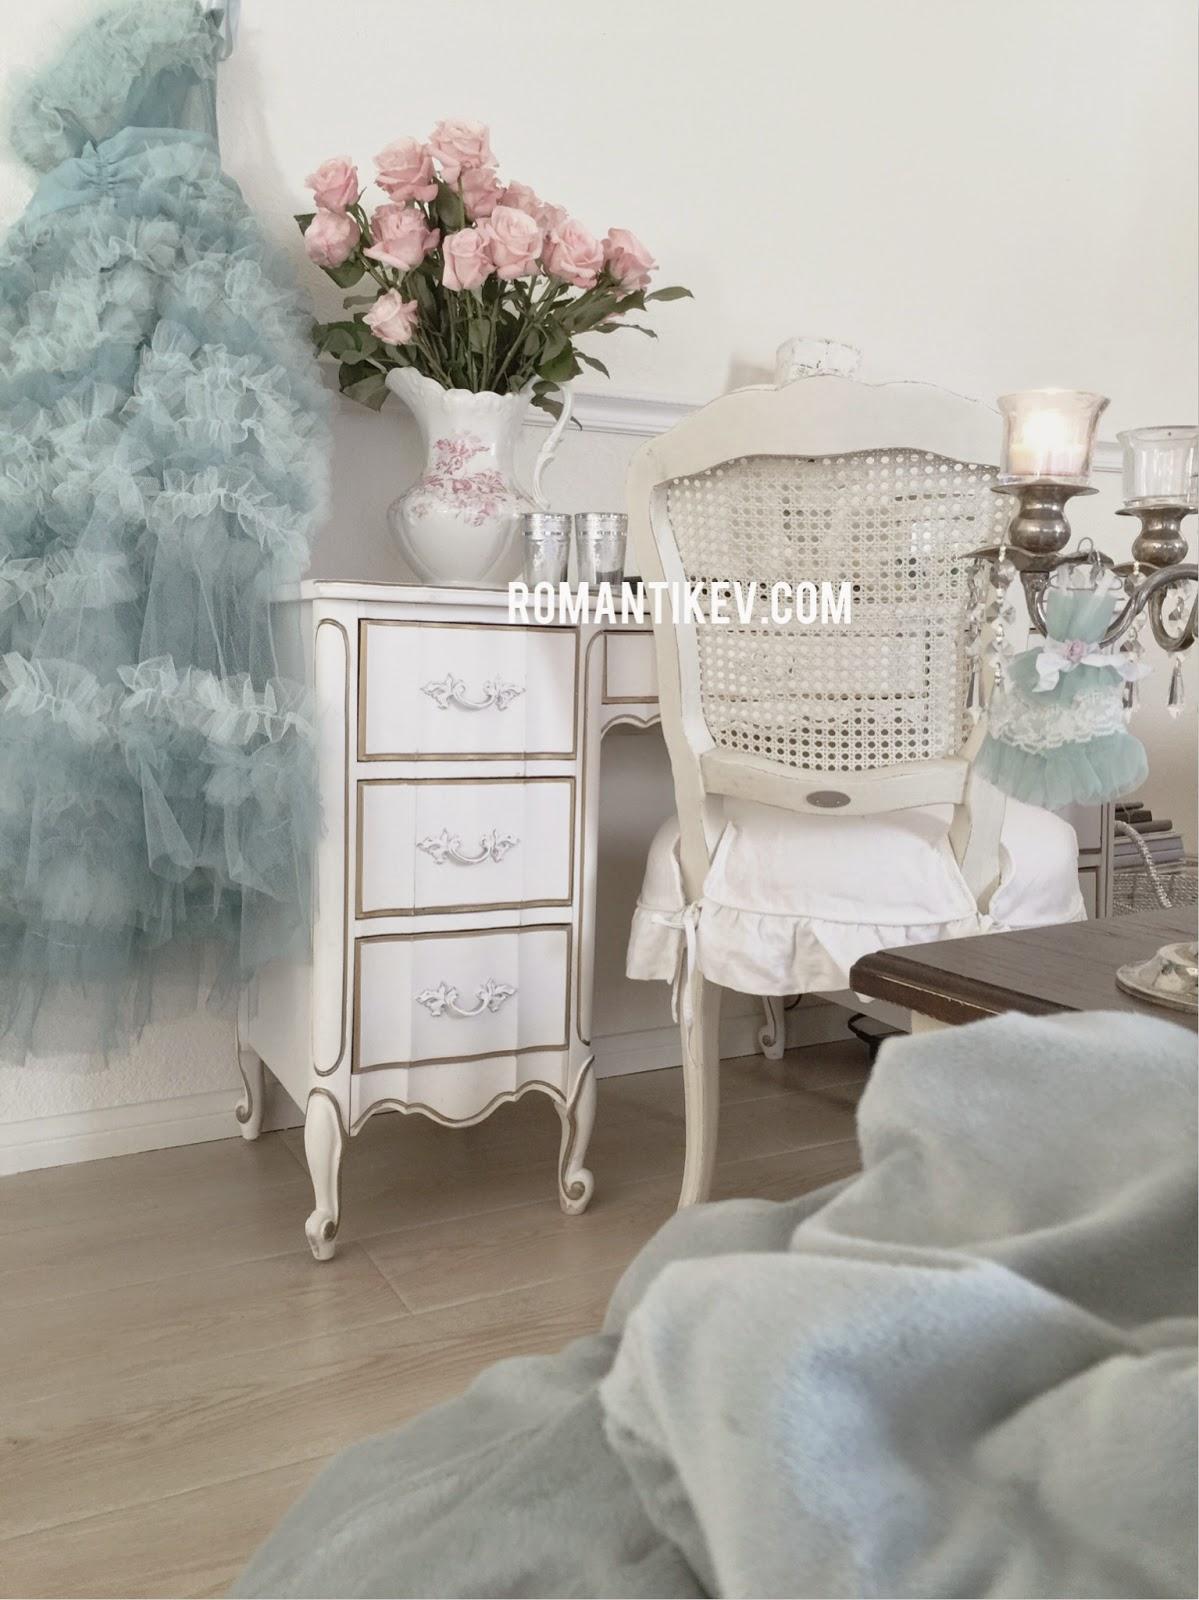 Modern stil yatak odas dekorasyon 214 rnekleri dekorasyon tarz -  Ornekleri Romantik Evin Gulleri Romantik Cicekler Romantik Dekorasyon Ve Yasam Tarzi Romanticevim Romantik Ciceklerle Masalsi Dekorasyon Bir Kis